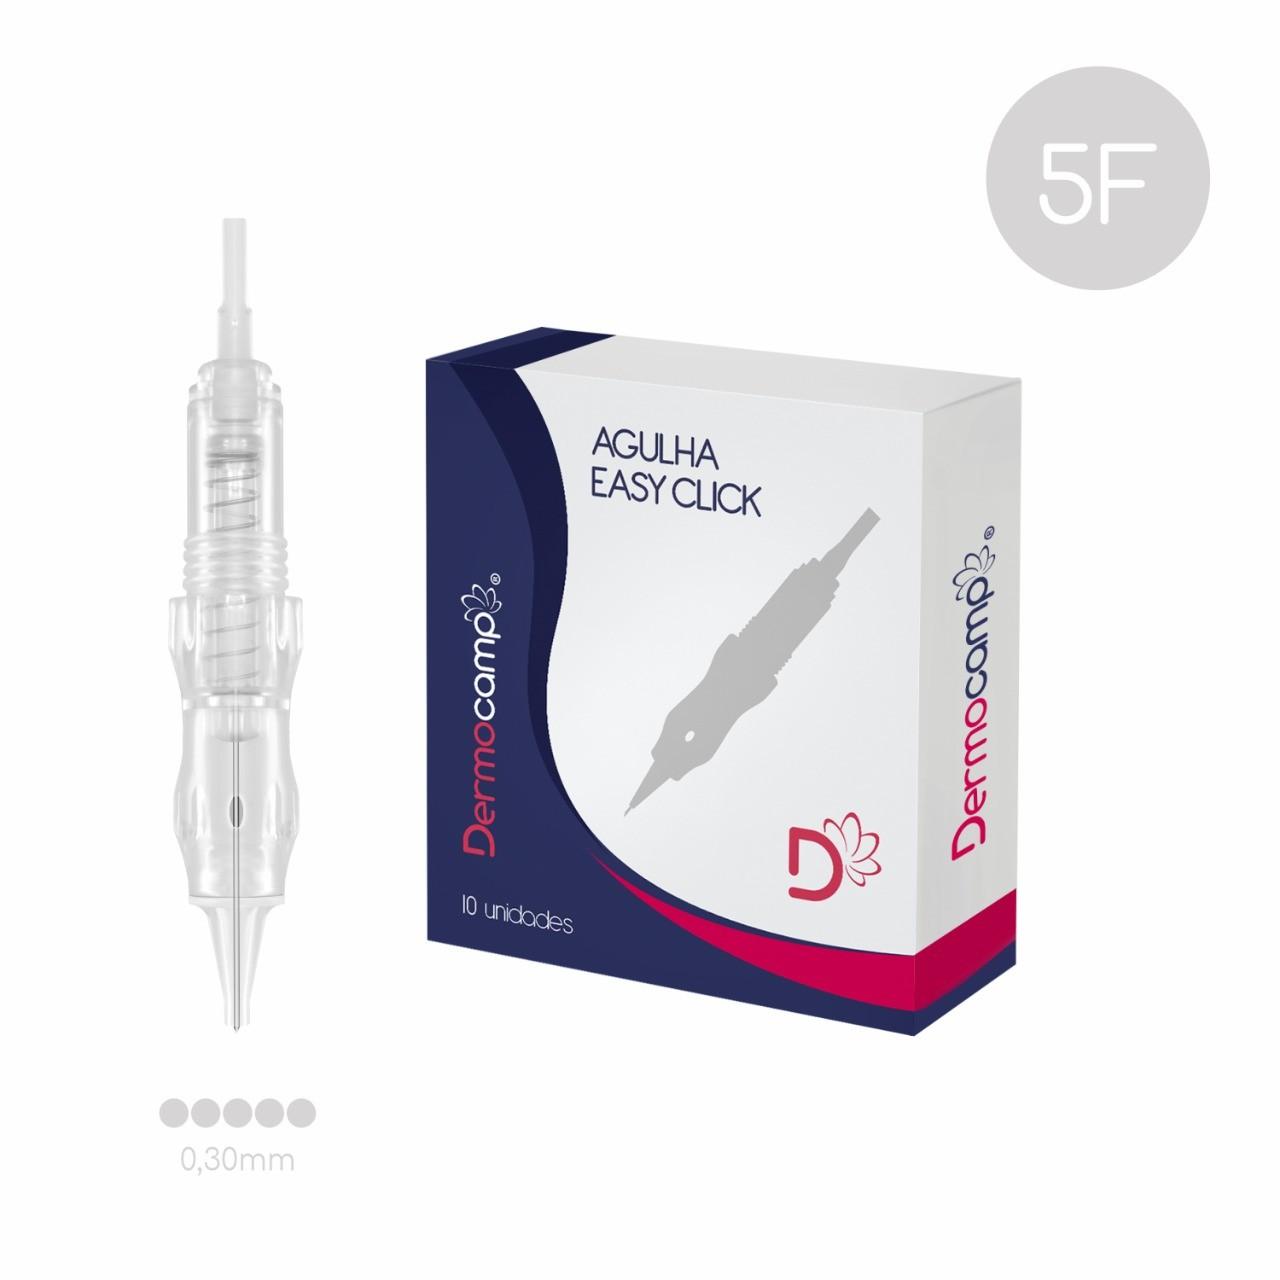 Agulha Easy Click 5 Pontas Linear com Rosca Dermocamp